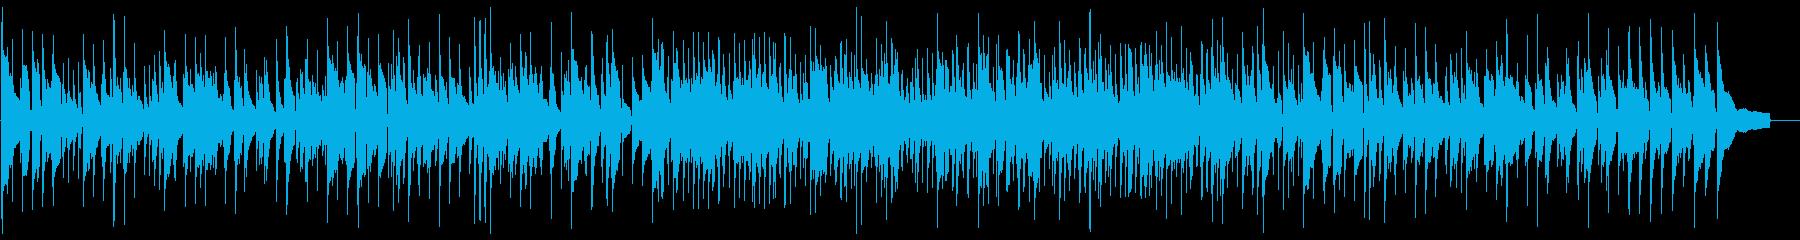 ゆっくりお洒落滑らかなピアノJAZZの曲の再生済みの波形